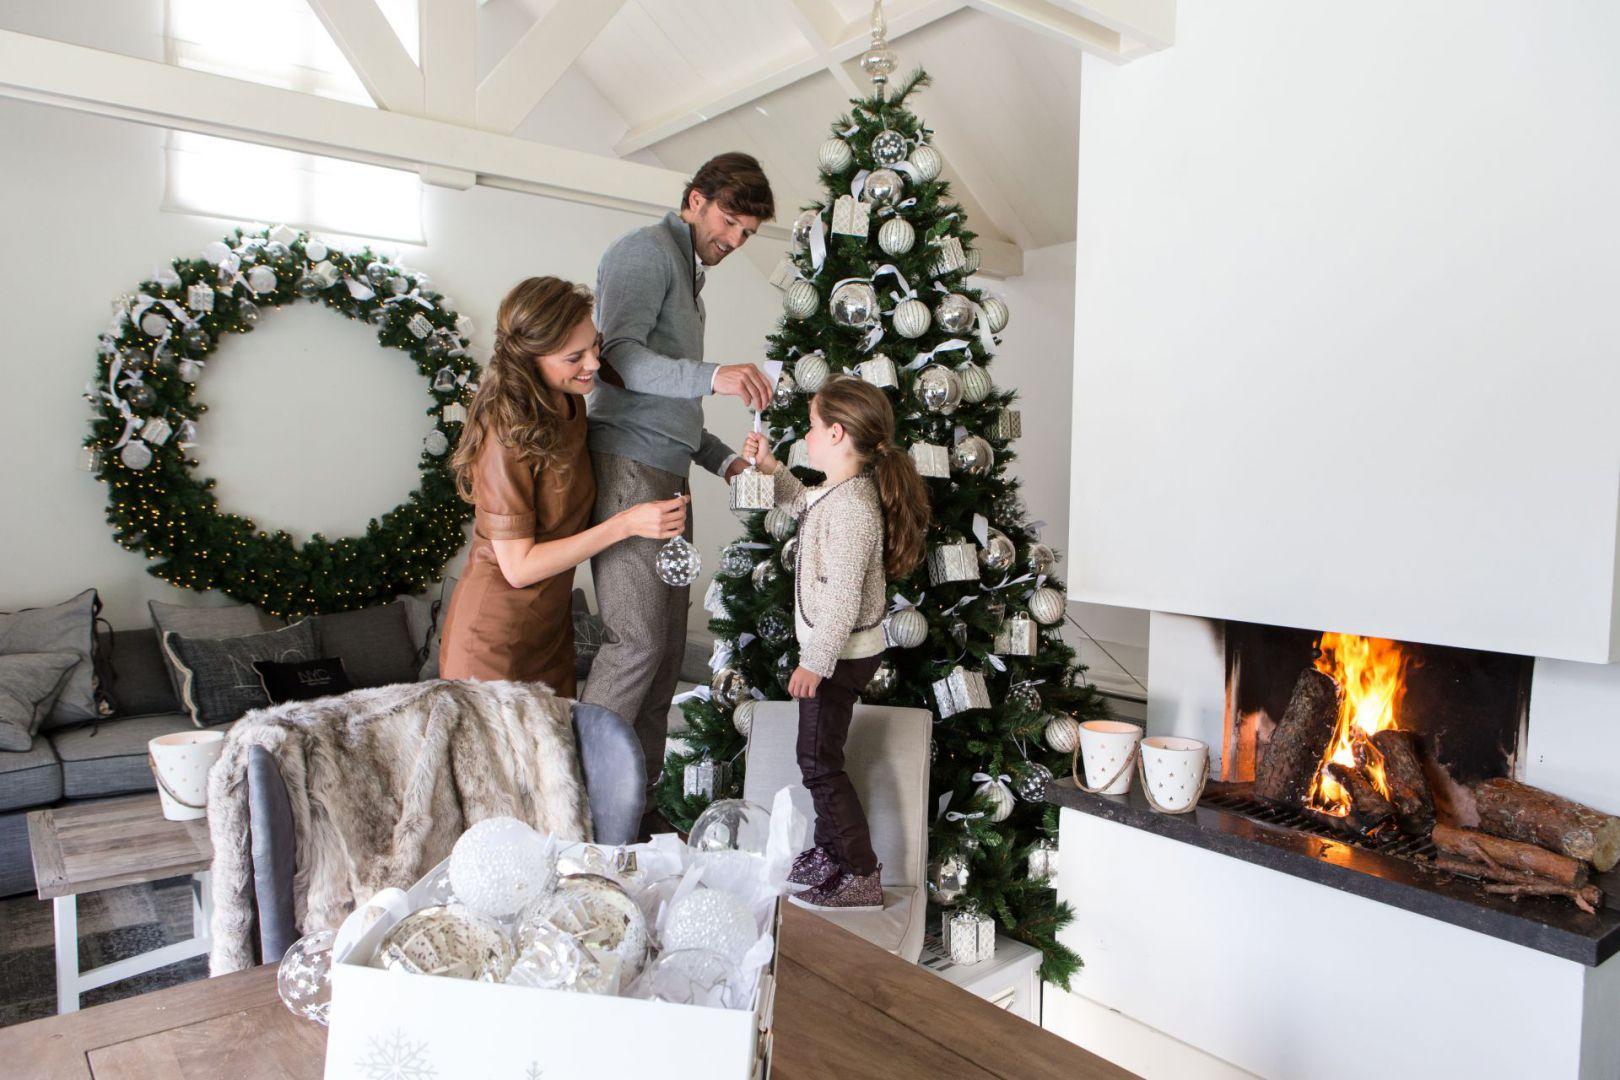 Jasne ozdoby na drzewko świąteczne to niezwykle stylowa propozycja. Biało-srebrne bombki pięknie harmonizują z zieloną choinką i ogromnym wieńcem. Takie ozdoby znakomicie sprawdzą się w nowoczesnych jasnych wnętrzach. Fot. House&More.